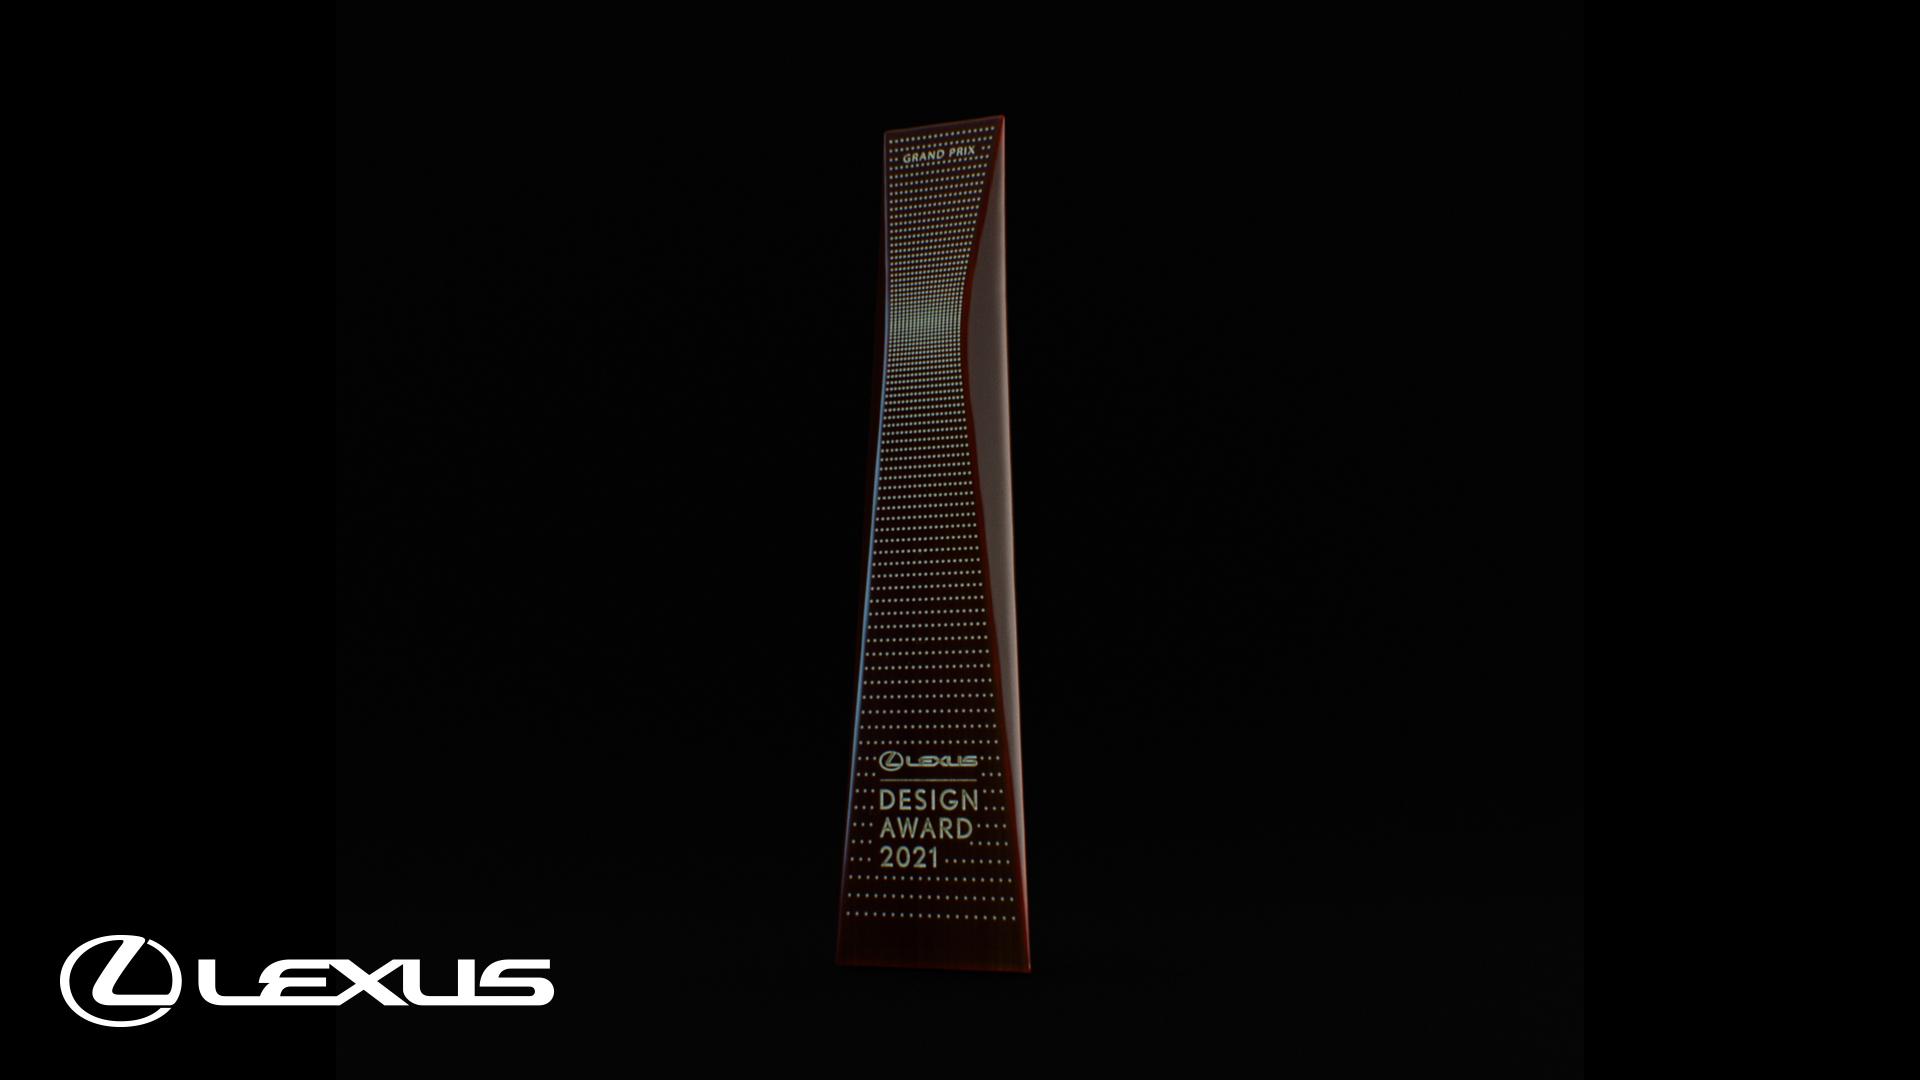 Lexus anuncia vencedor do design award 2021 Image